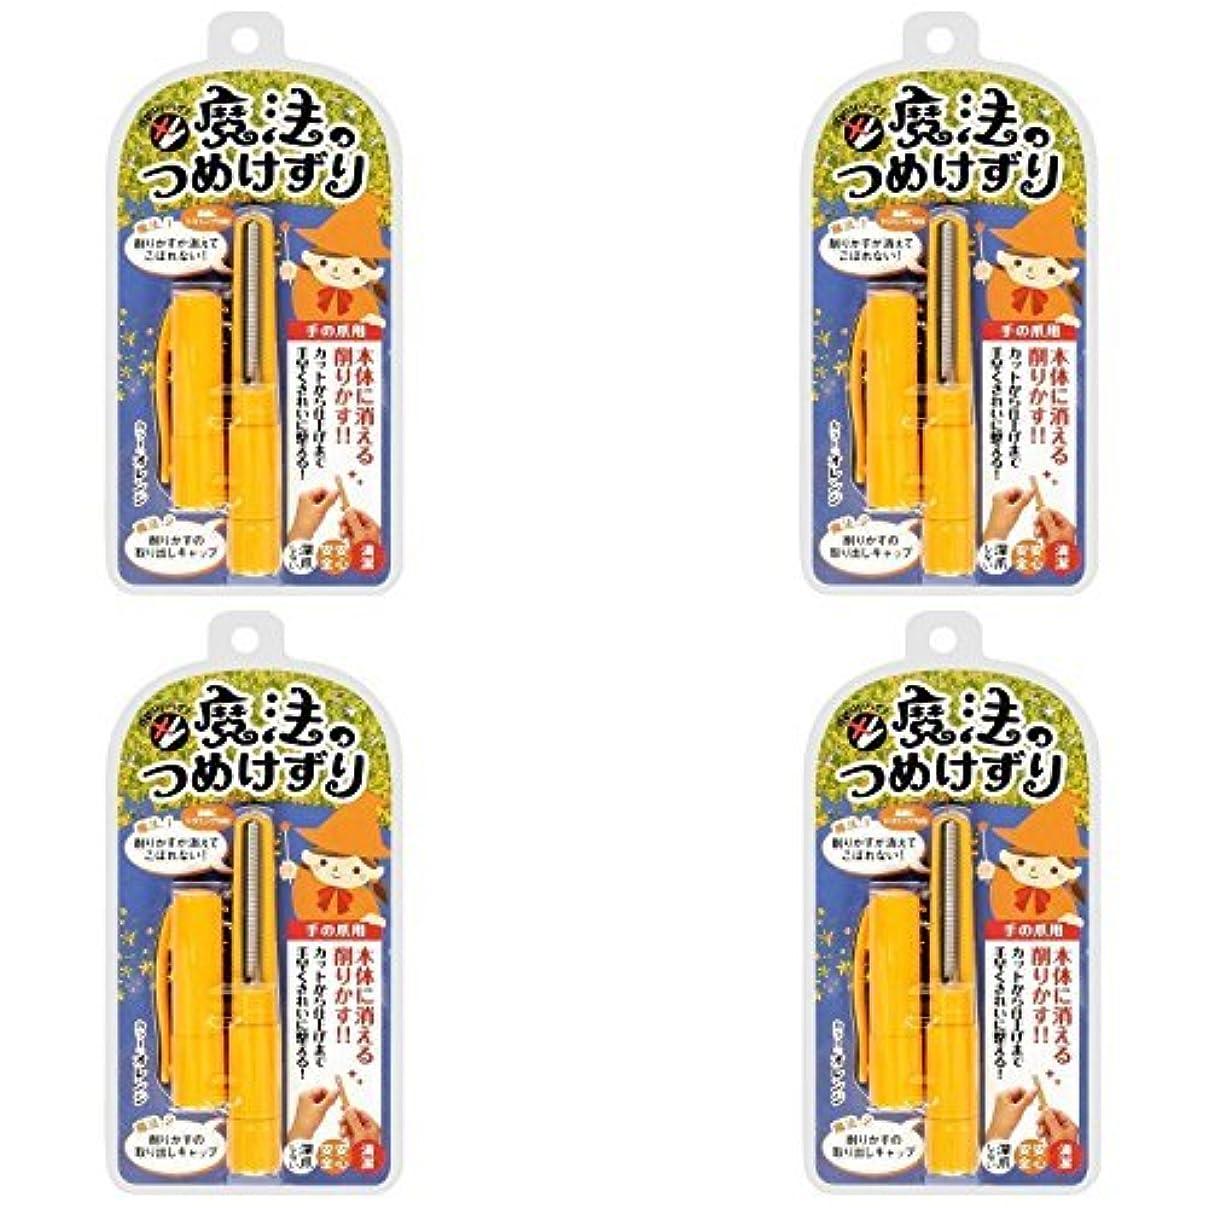 手首ギャザー驚いたことに【セット品】松本金型 魔法のつめけずり MM-090 オレンジ ×4個